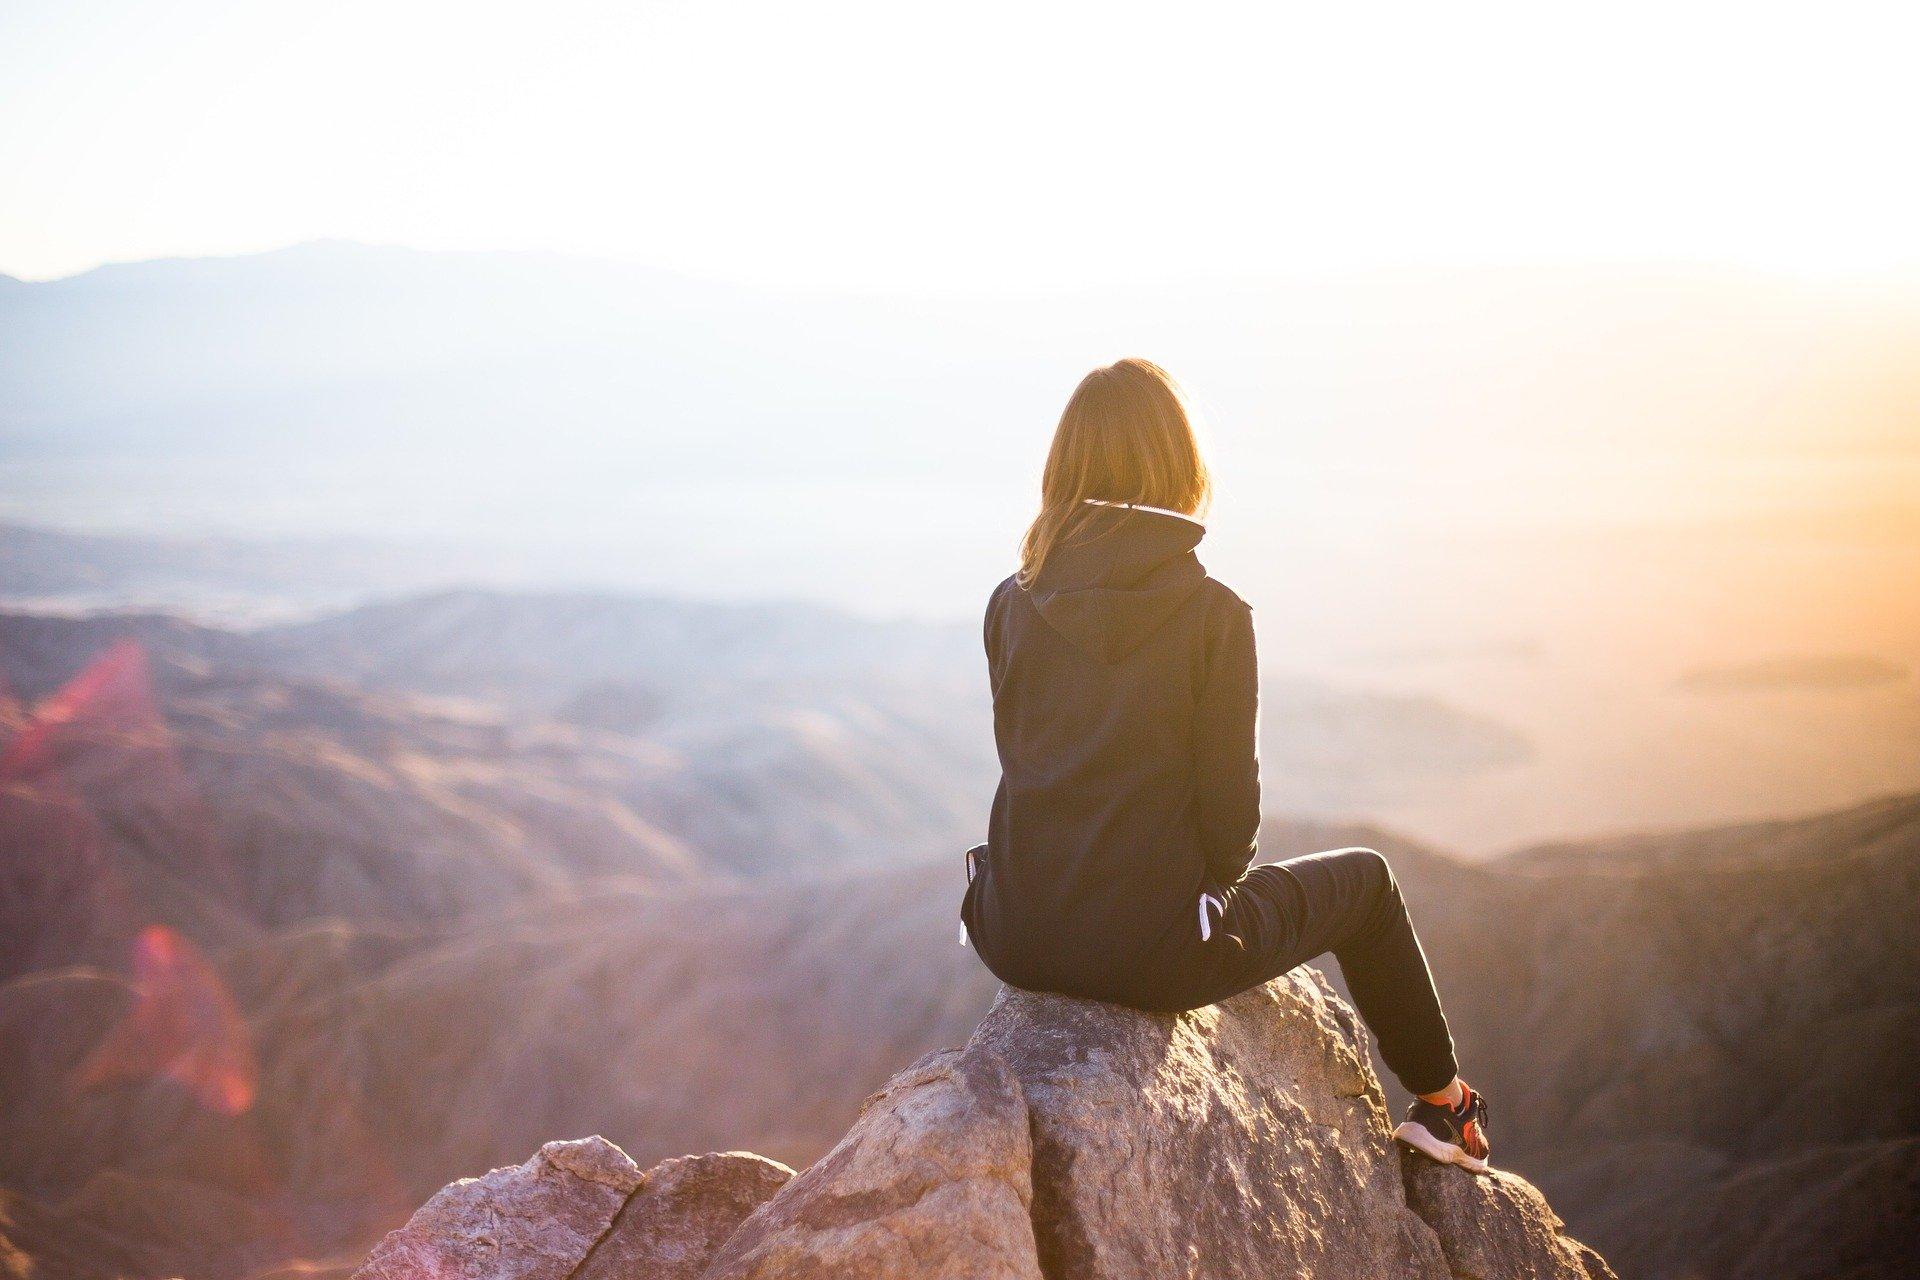 ragazza di spalle sulla cima di una montagna a guardare il sole